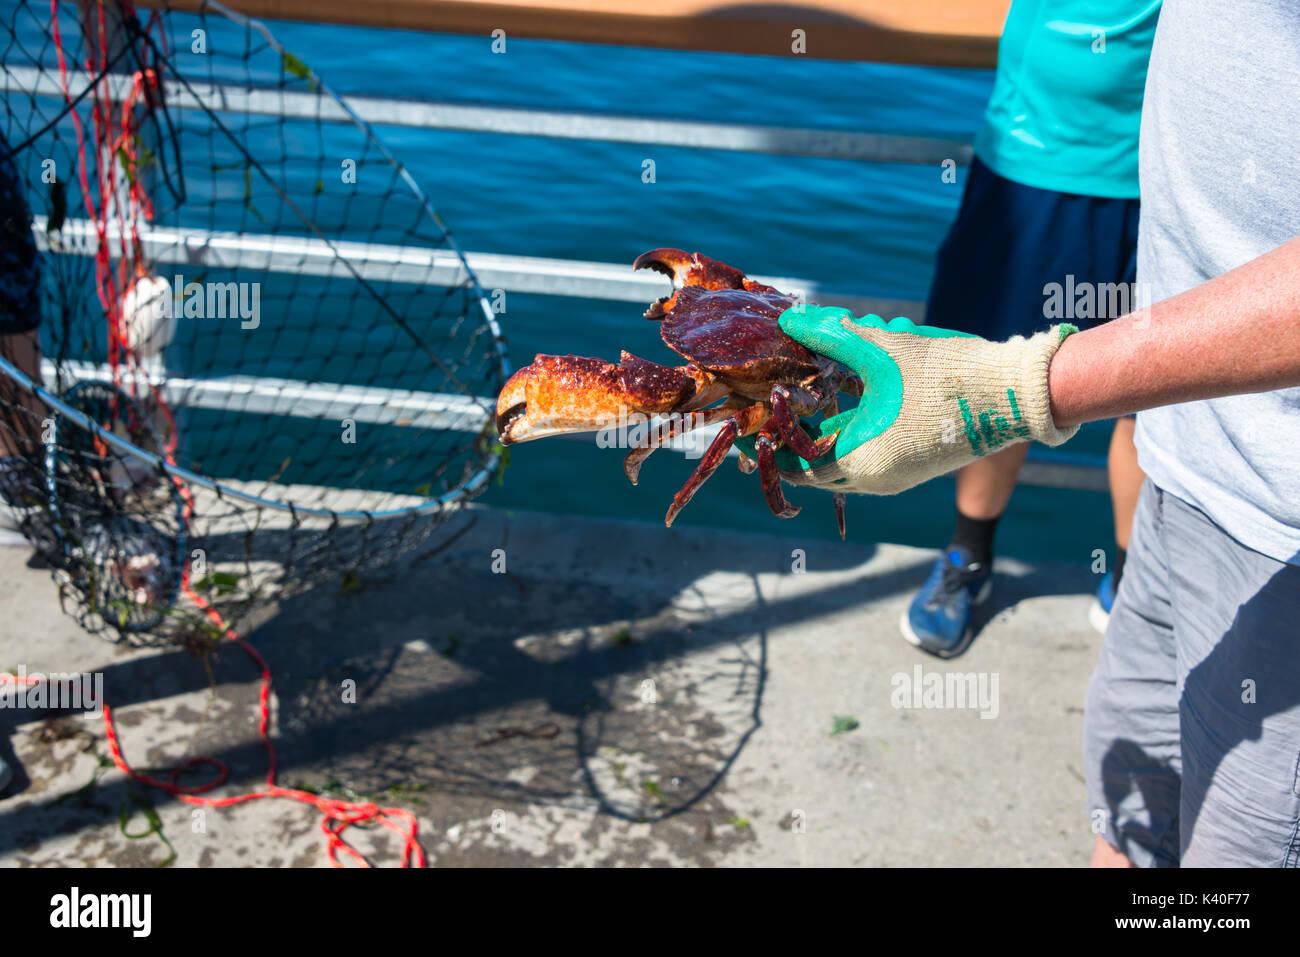 Crabe commun Rouge tenue en main près de Crab Pot sur la jetée de pêche, Edmonds, Washington Photo Stock